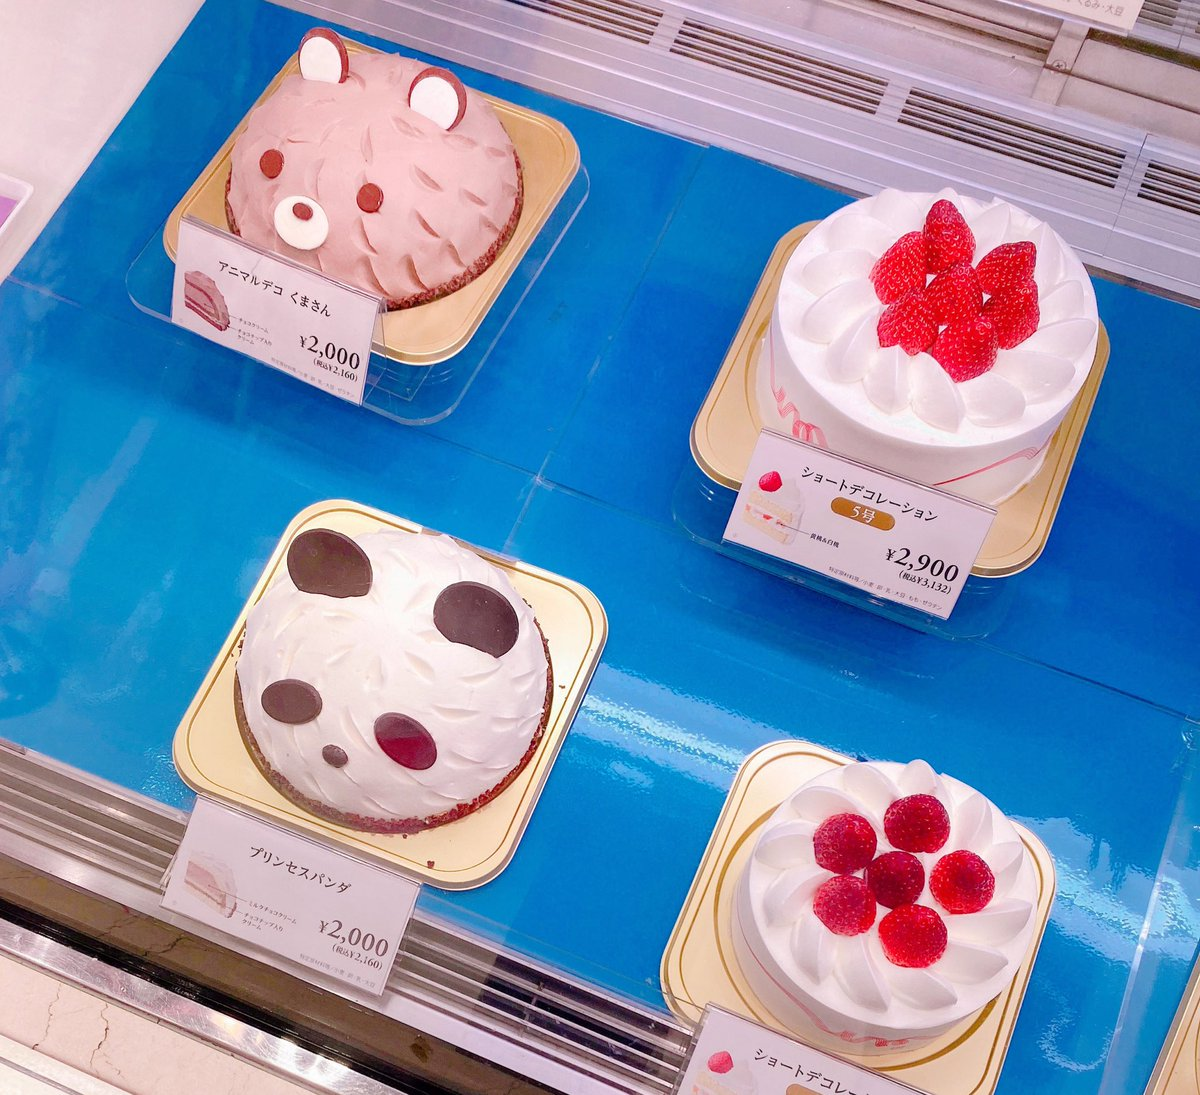 ケーキ買いに🍰来たけど❗️🐼